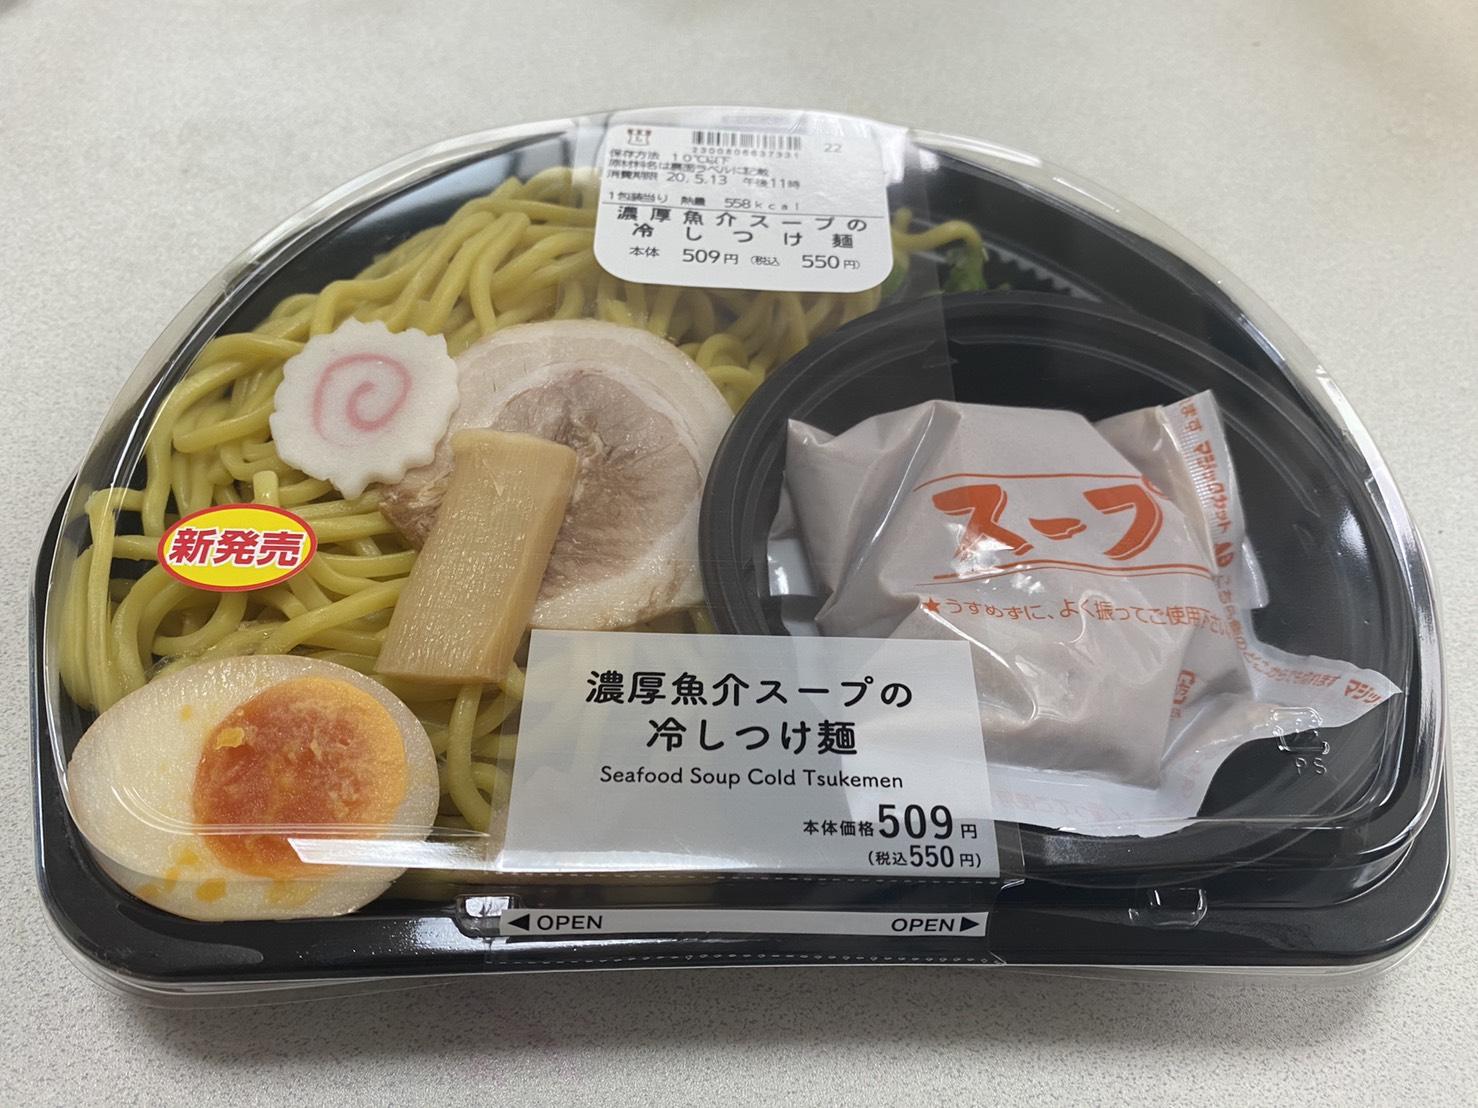 【ローソン】濃厚魚介スープがコクウマたまらない!絶品つけ麺をチェックせよ!